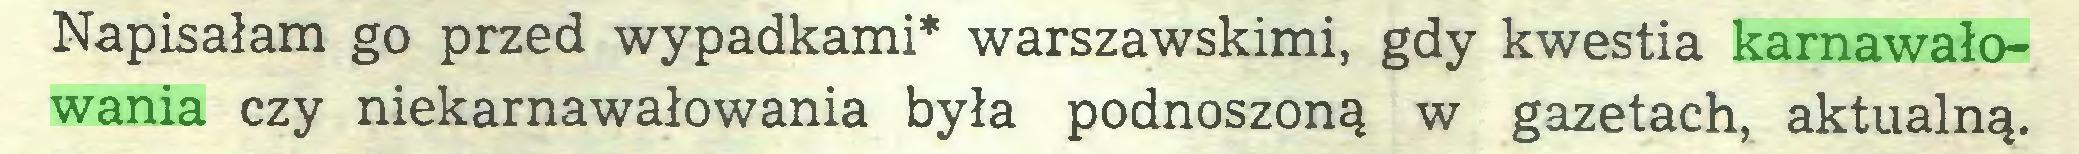 (...) Napisałam go przed wypadkami* warszawskimi, gdy kwestia karnawałowania czy niekarnawałowania była podnoszoną w gazetach, aktualną...